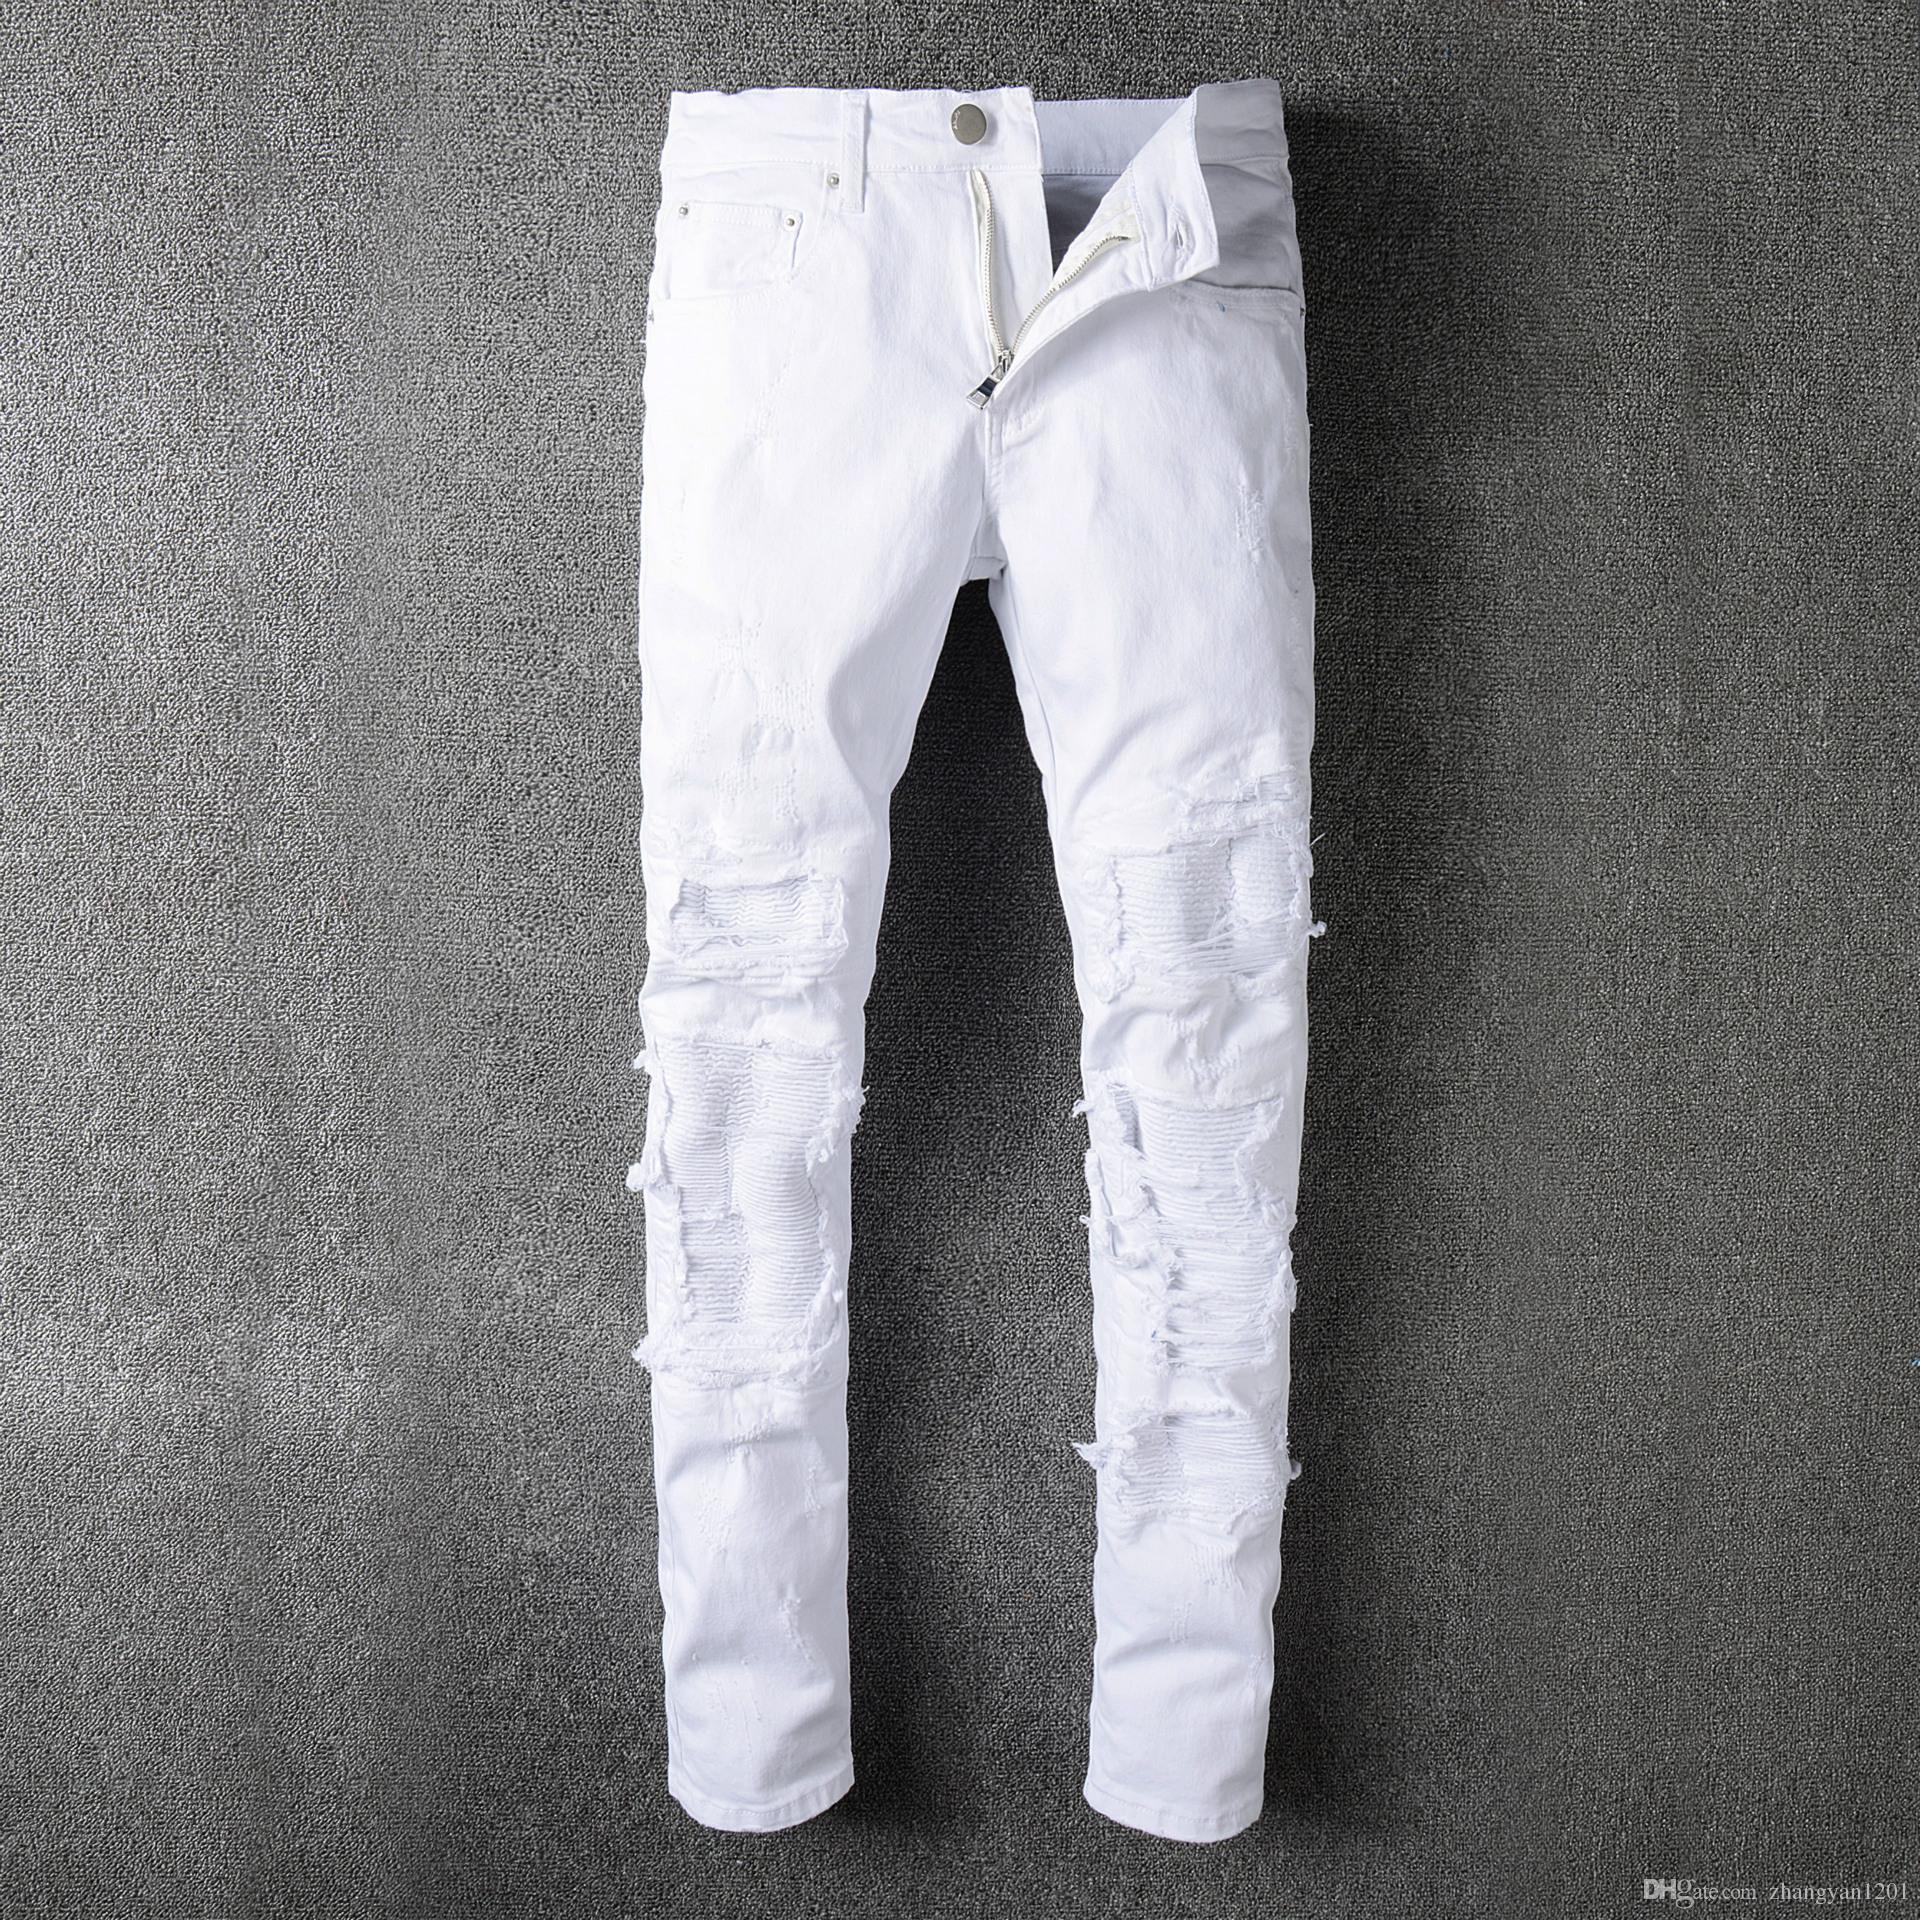 ebe74c52c3058 Compre Pantalones Vaqueros Rotos Blancos Para Hombres Diseñador De La Marca  JUSTIN BIEBER Motocicleta Moto Biker Causal Denim Pantalón Para Hombre Rock  Star ...